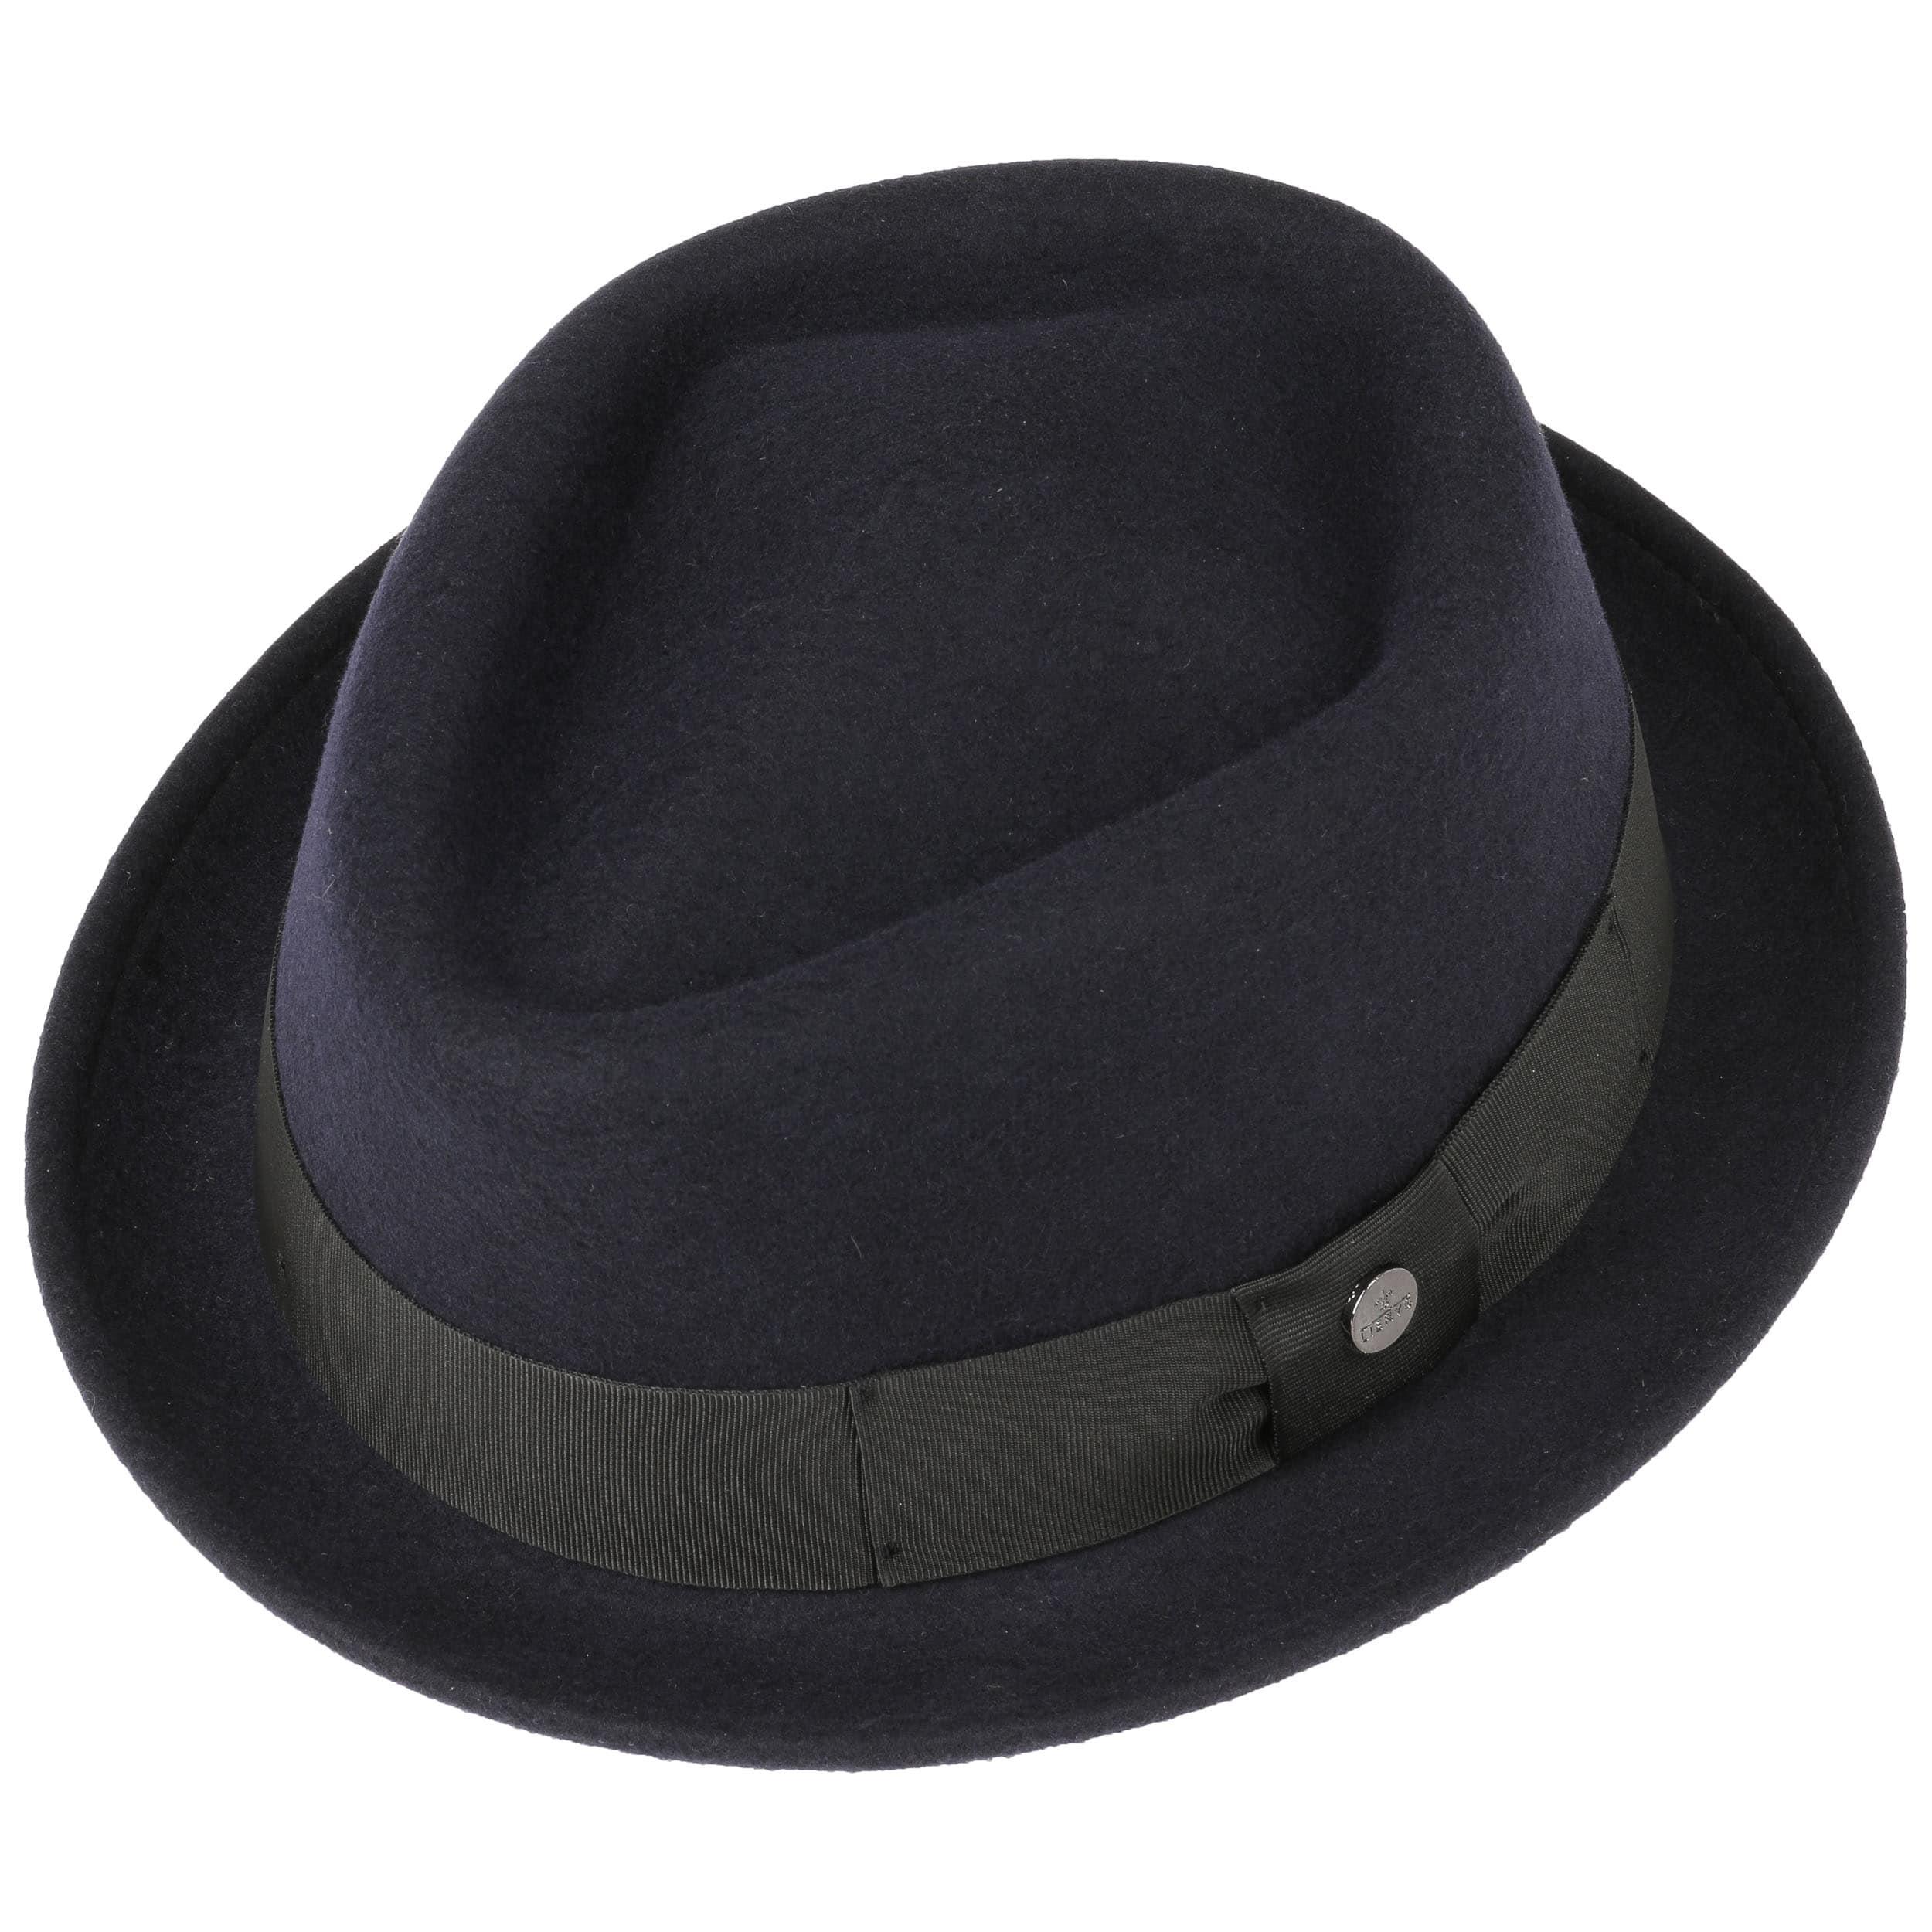 Diamond Crown Wool Felt Hat by Lierys Pork pie hats Lierys xJ90oWtgH